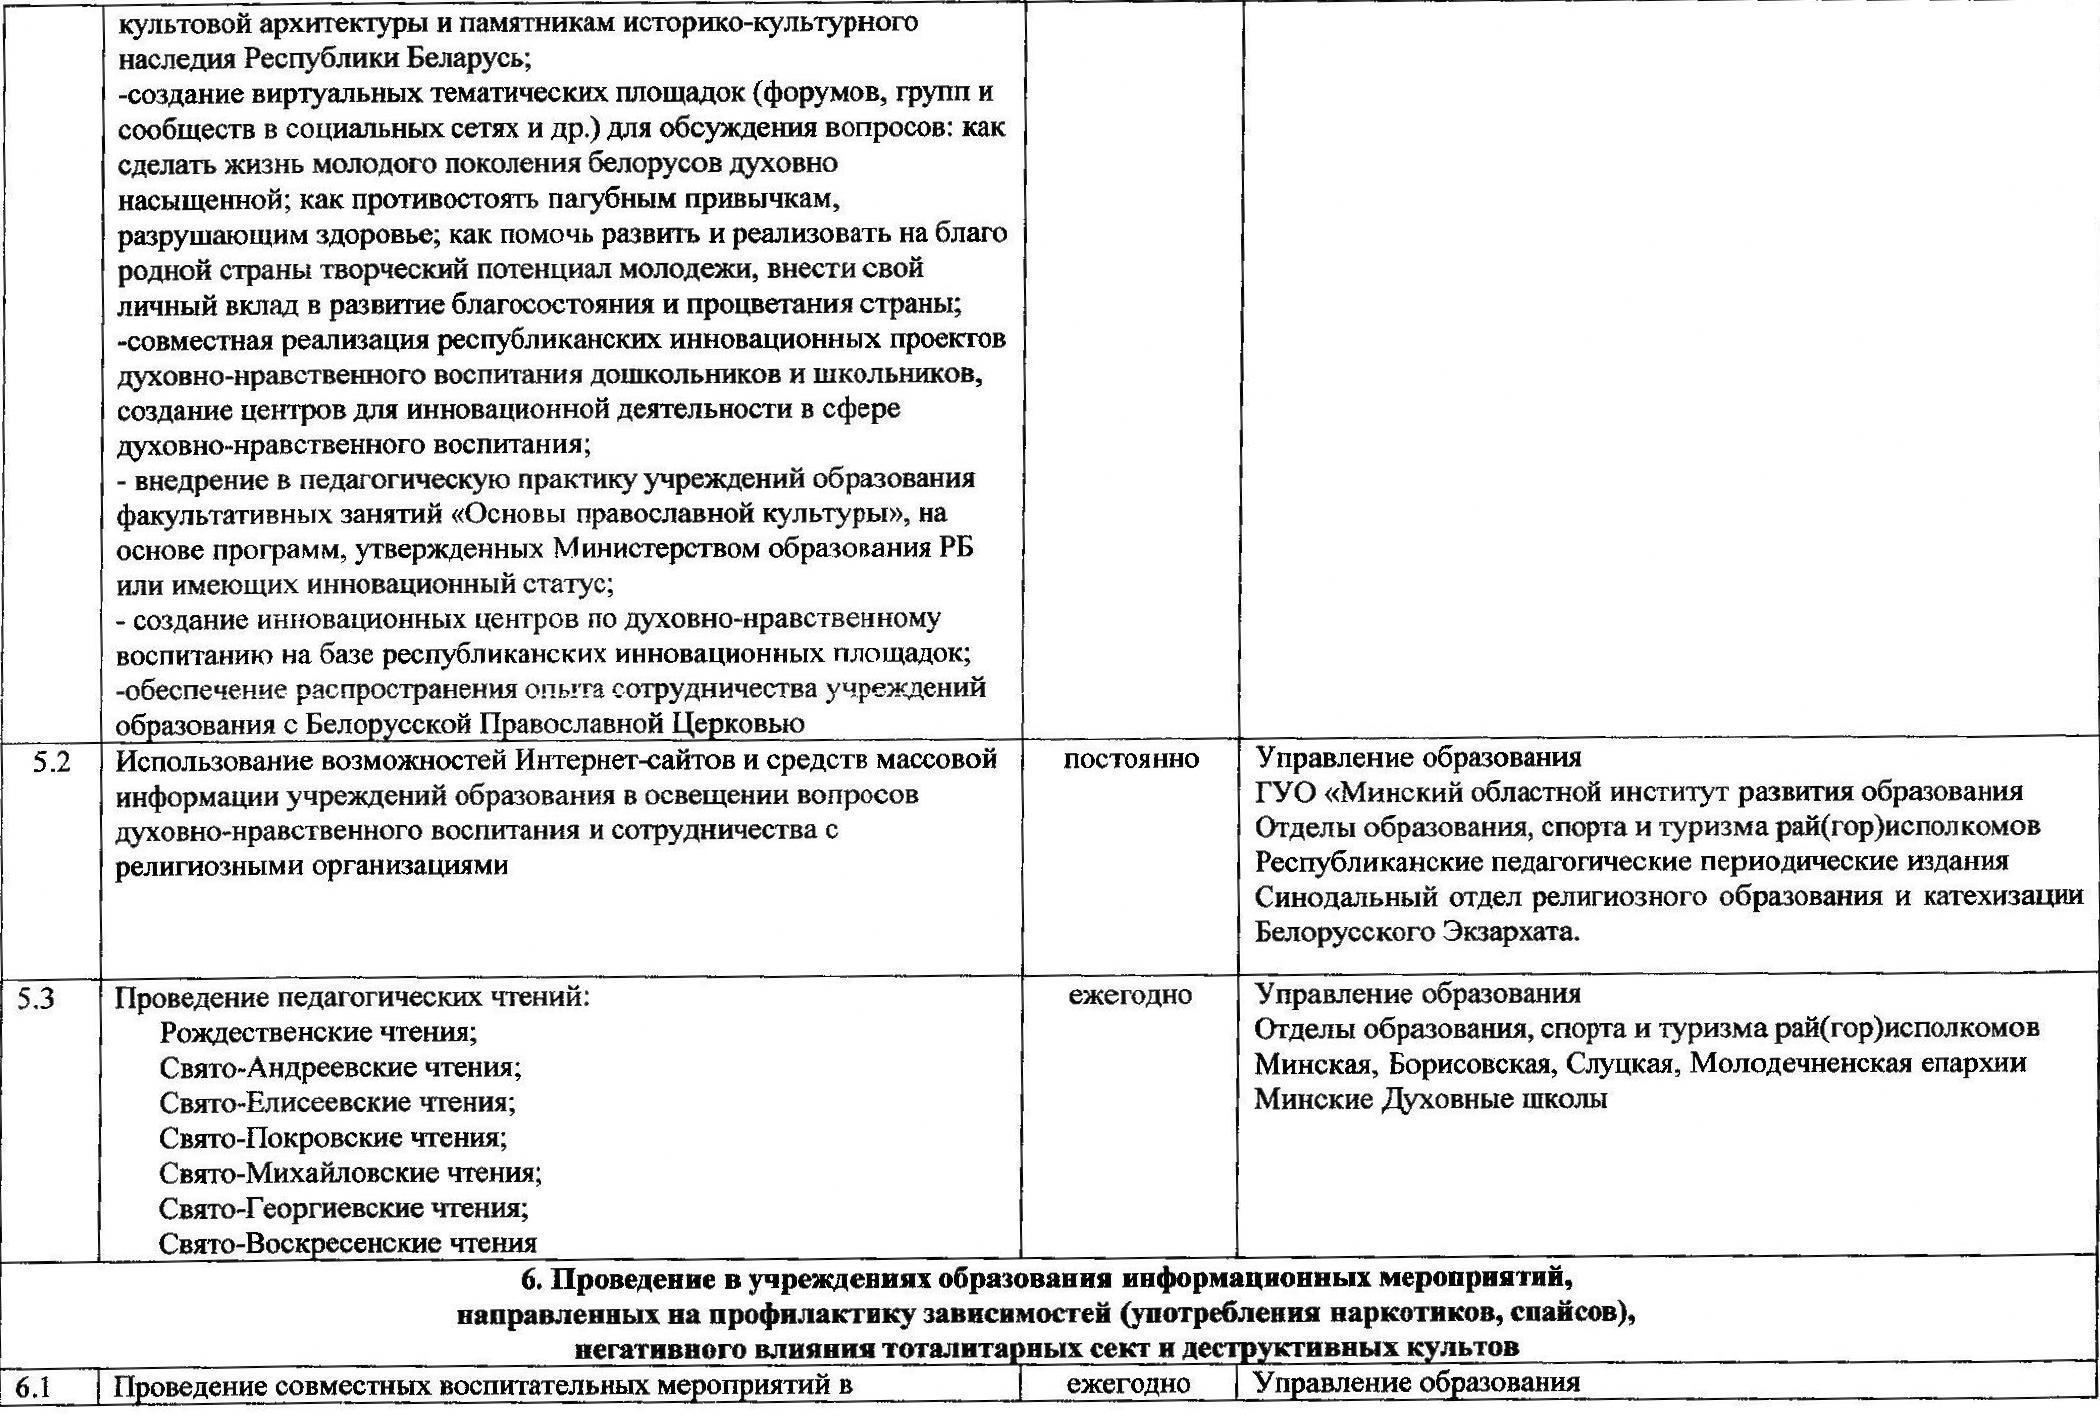 Программа сотрудничества Миноблисполкома и Минской митрополии в сфере образования (содержание)_Страница_6